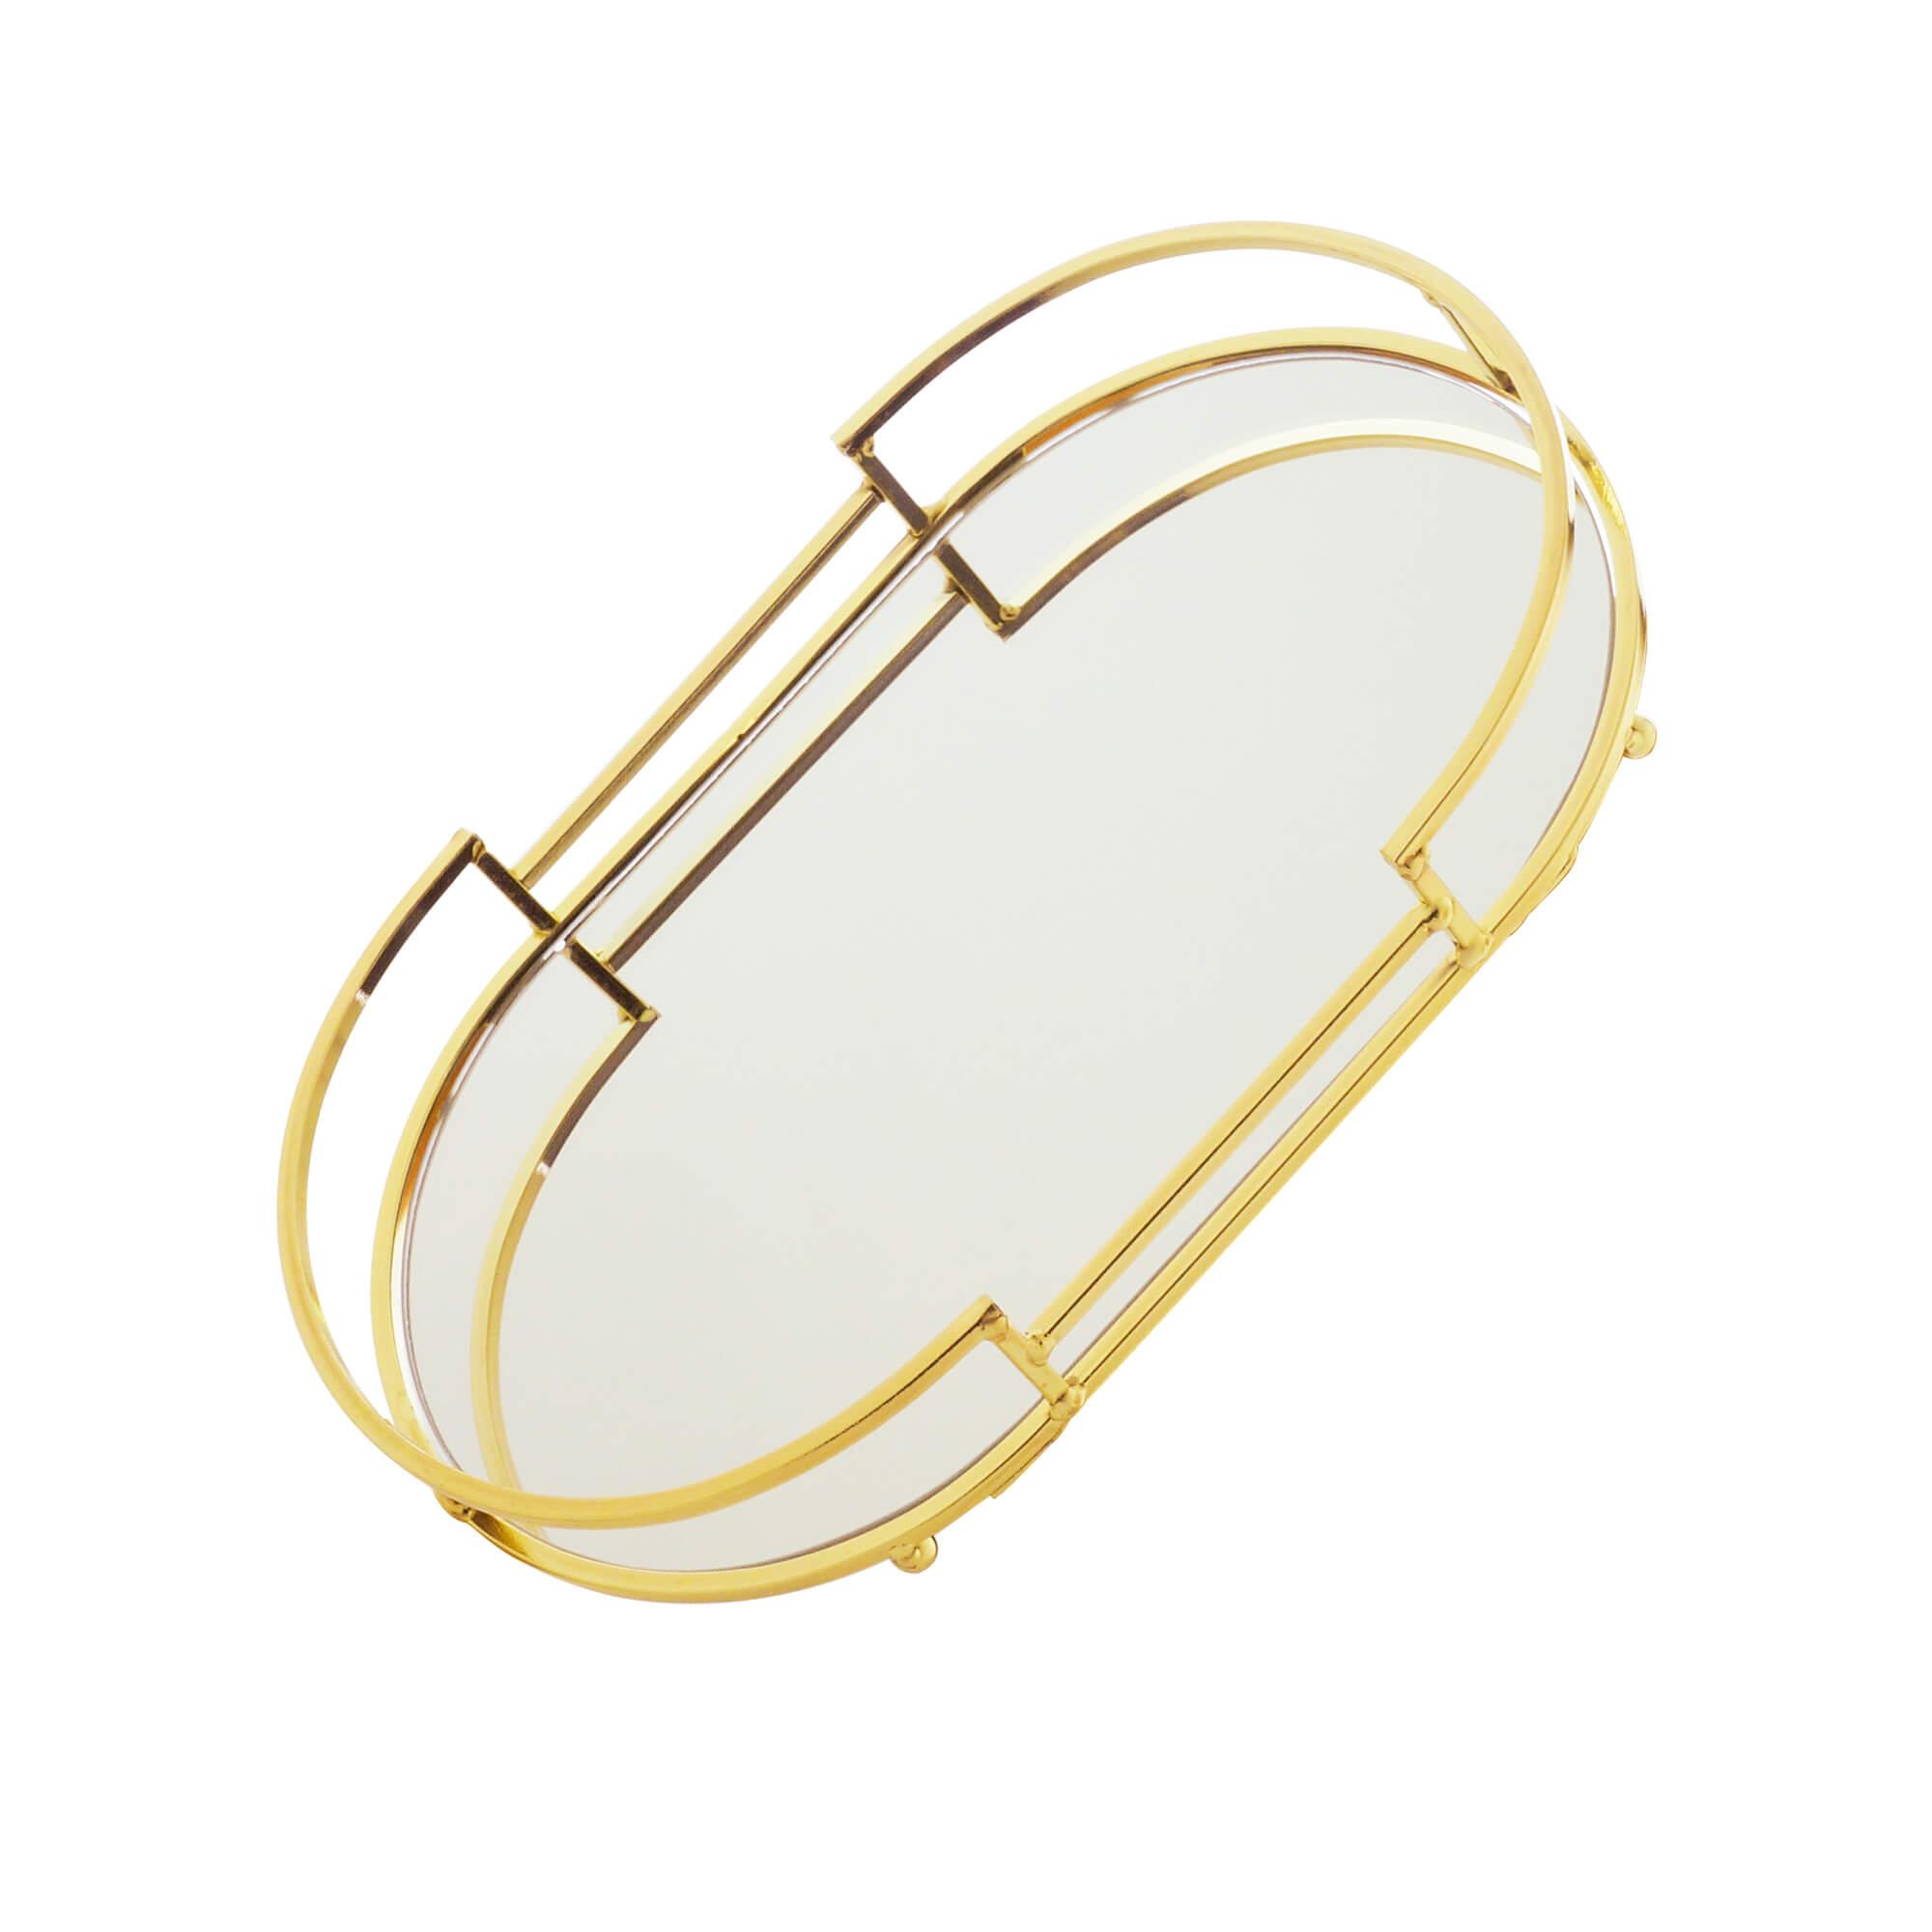 Bandeja Decorativa Espelhada Oval em Metal Dourada 26cm